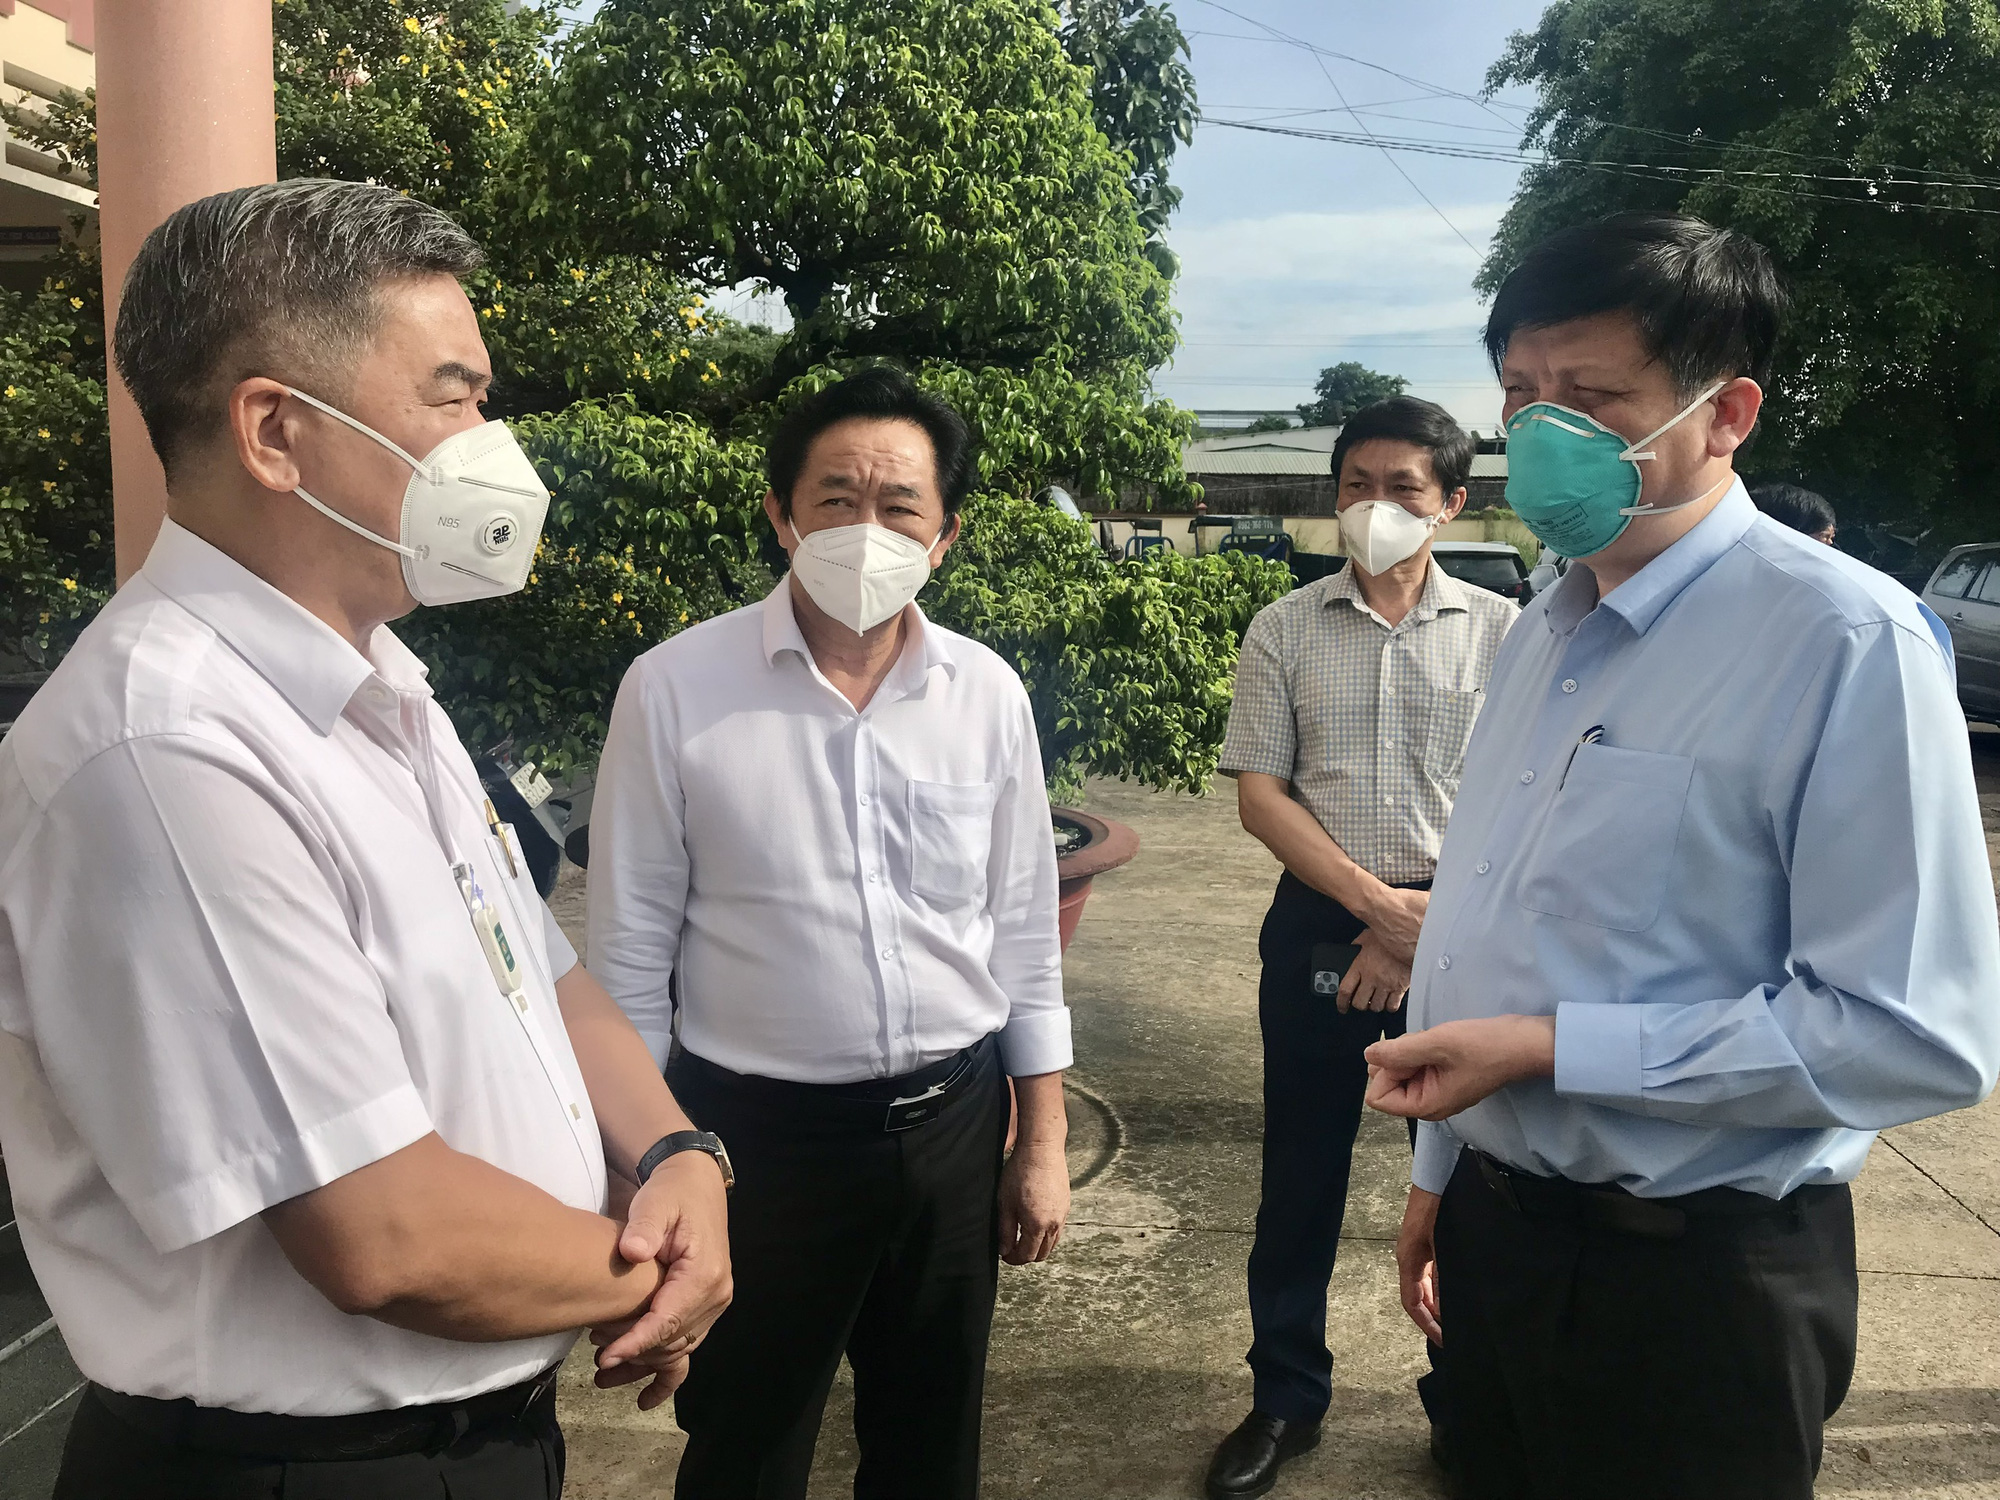 Bộ trưởng Bộ Y tế: Tăng cường hoạt động của các trạm y tế lưu động tại Bình Dương - Ảnh 1.